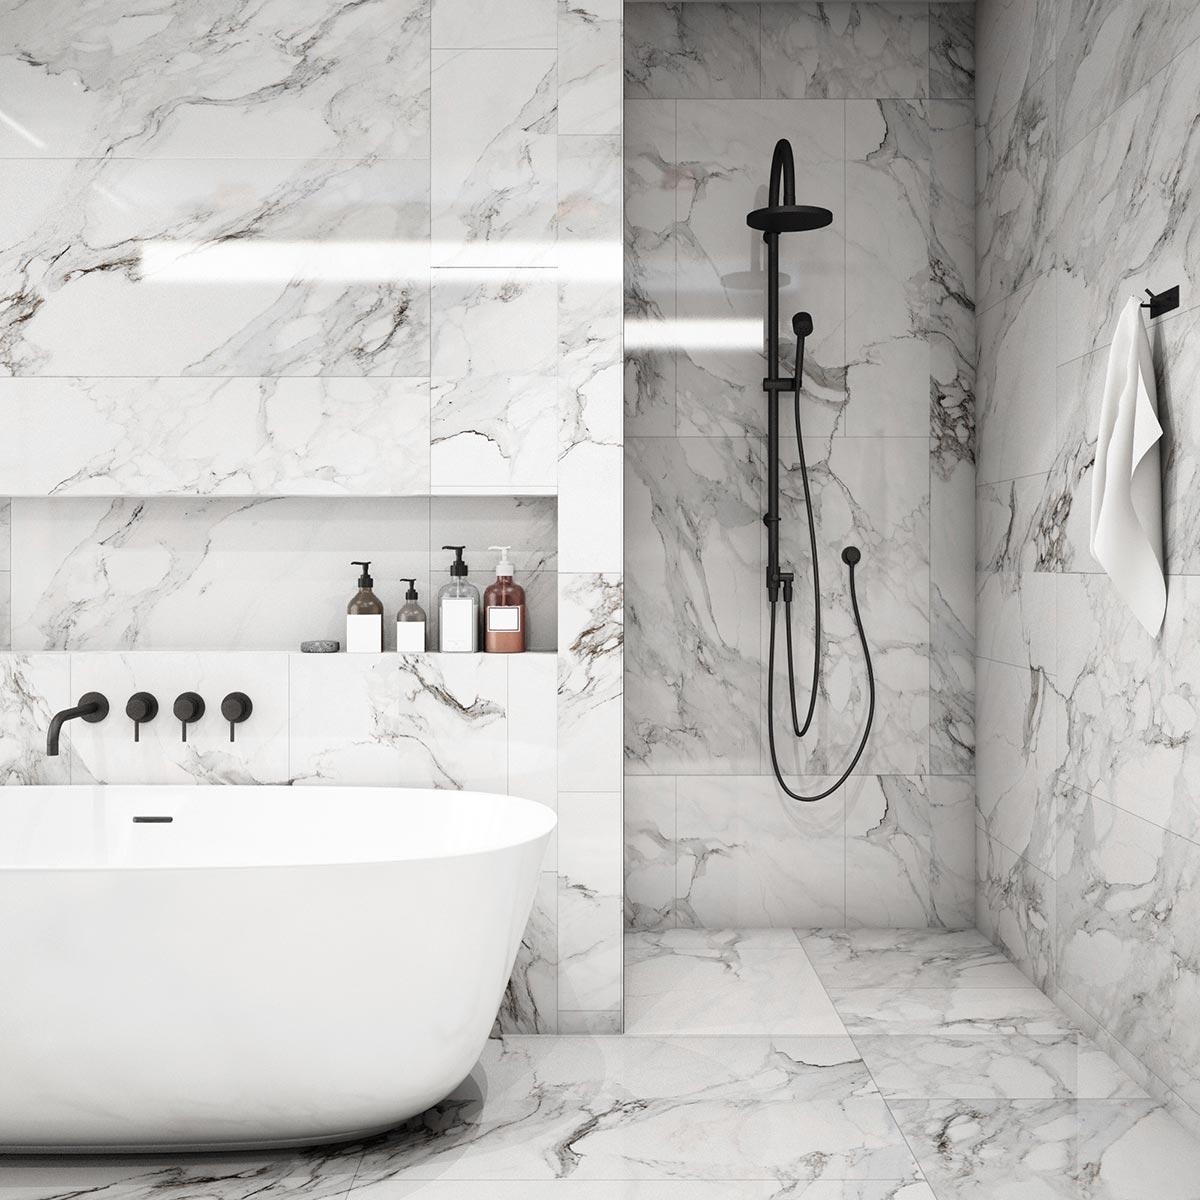 Splendido bagno di design con rivestimento in marmo bianco e nero.